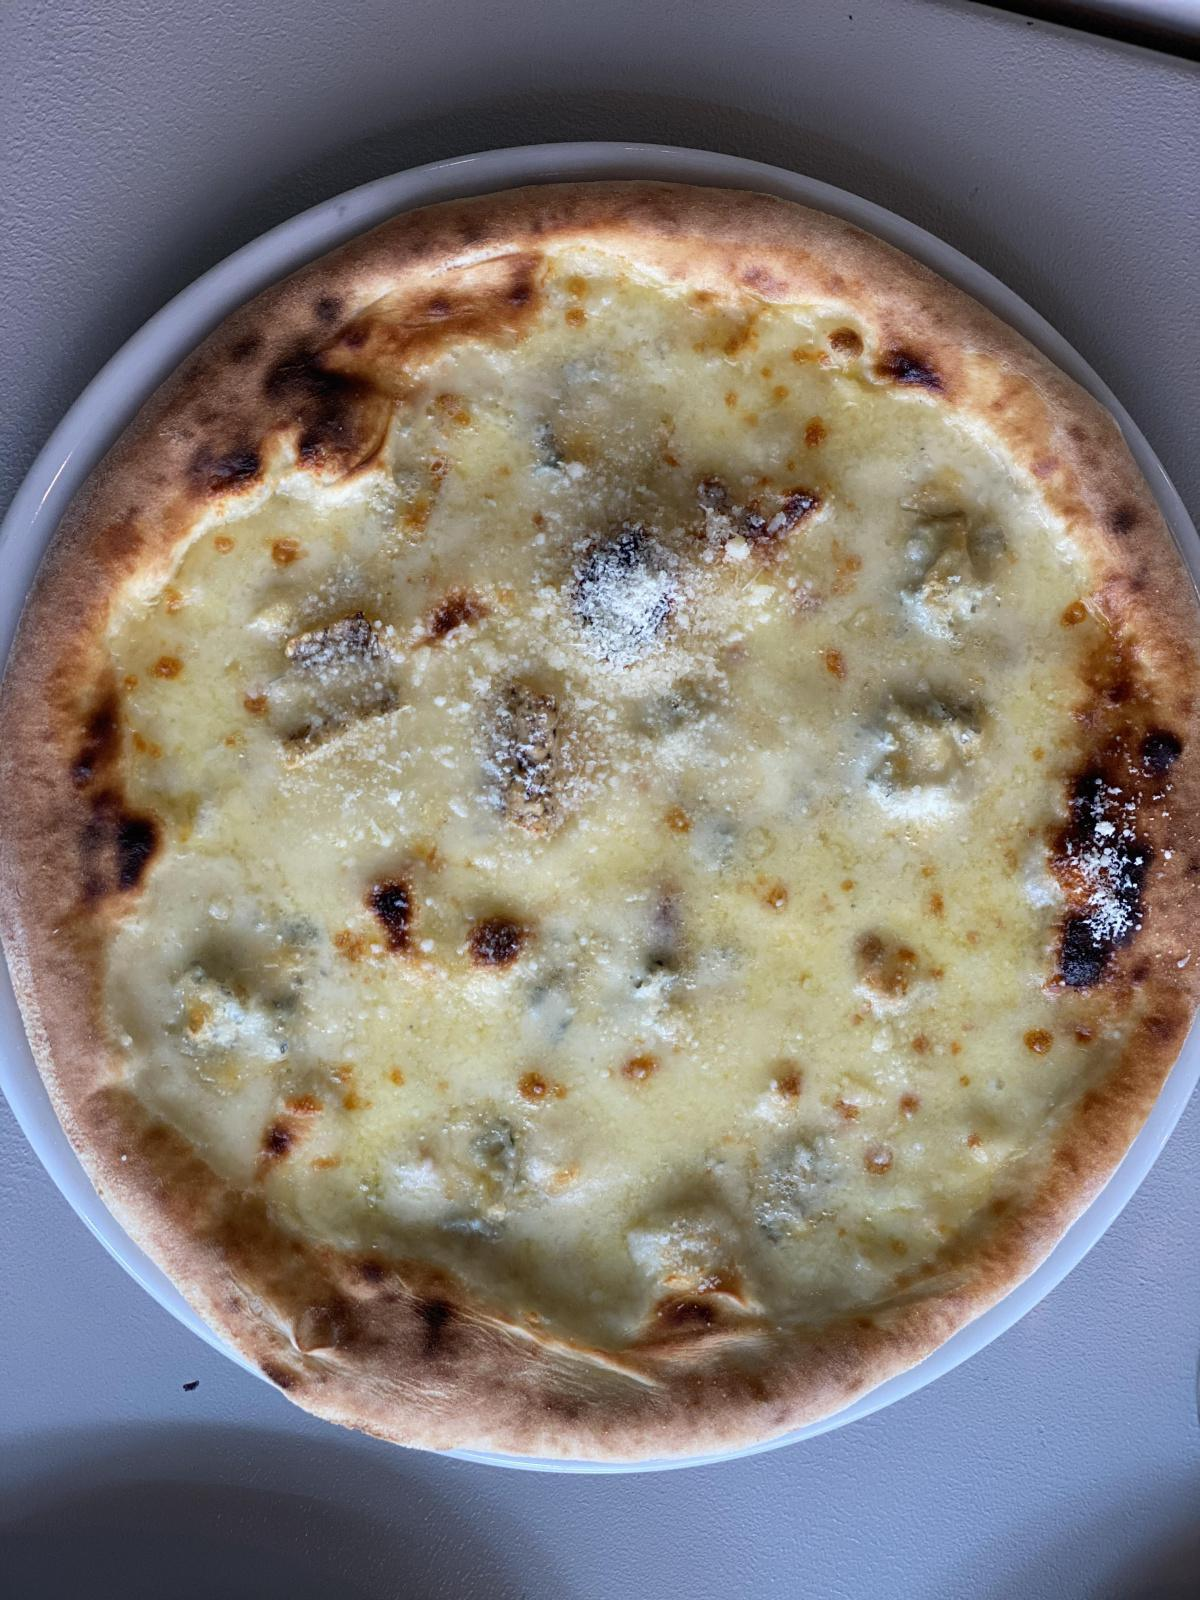 Pizza Quattro formaggi